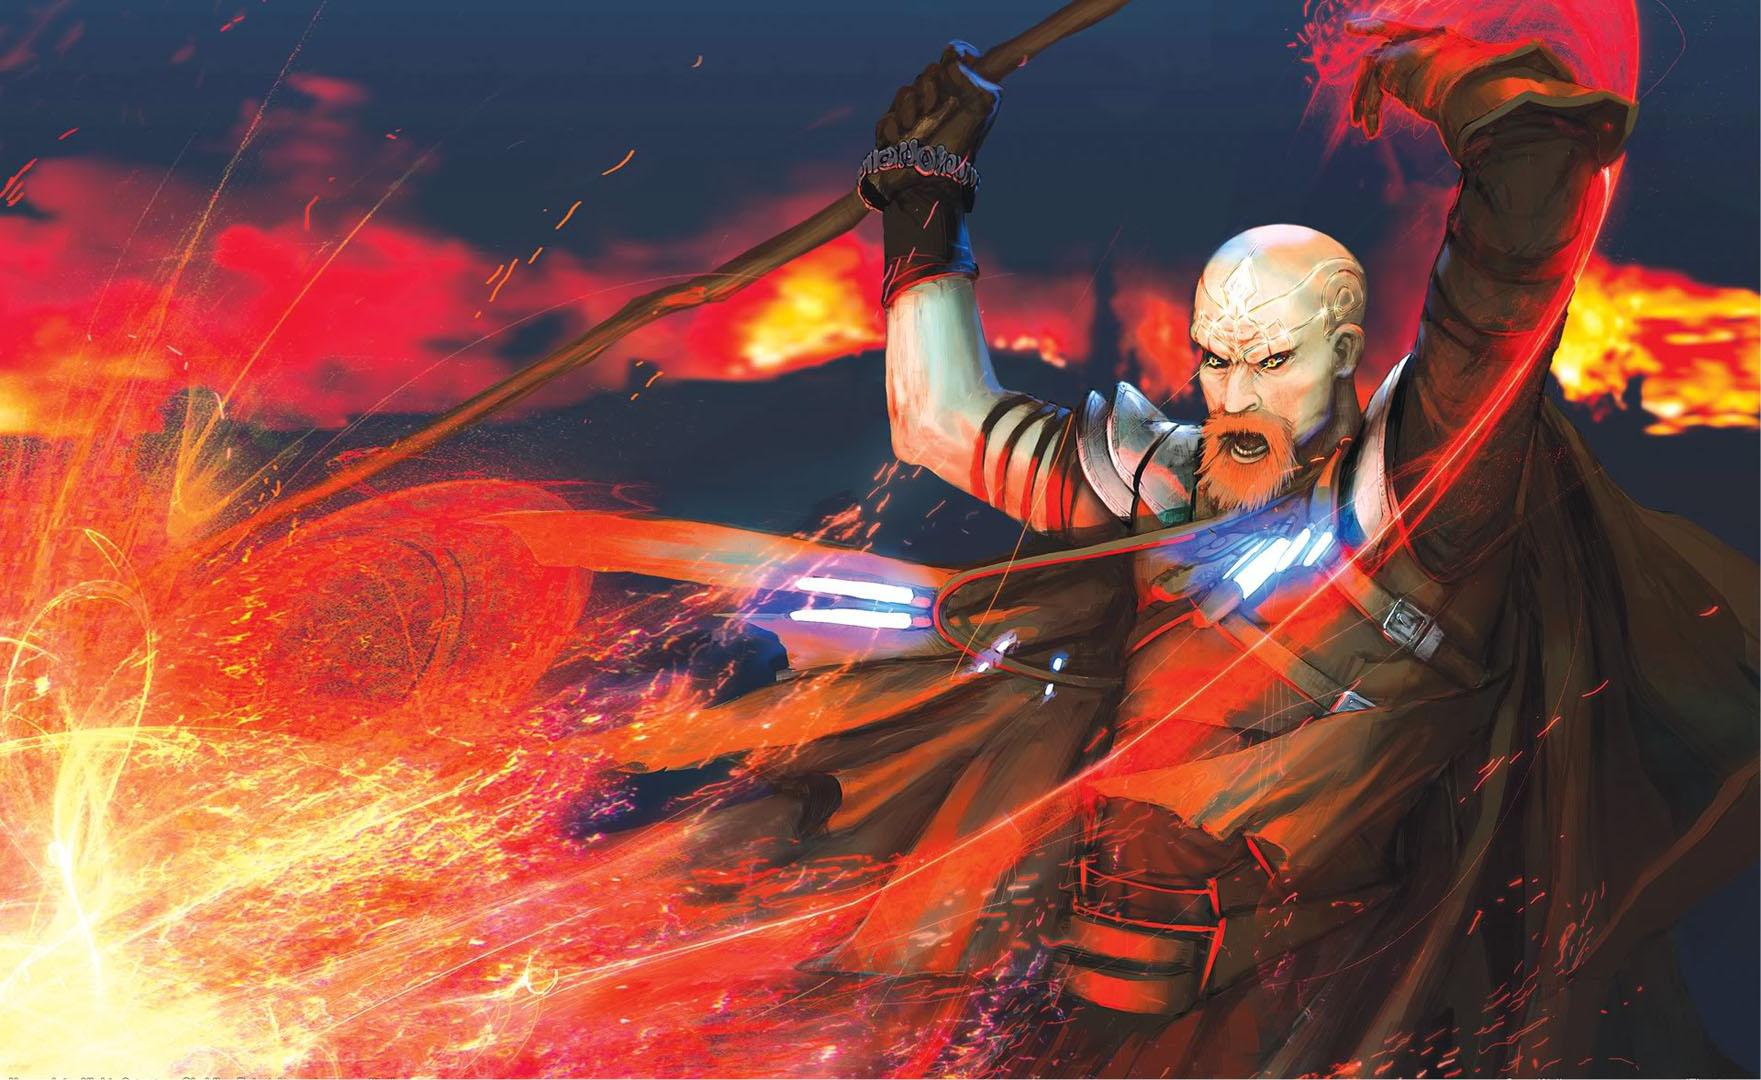 Warrior Mage Casting Destruction